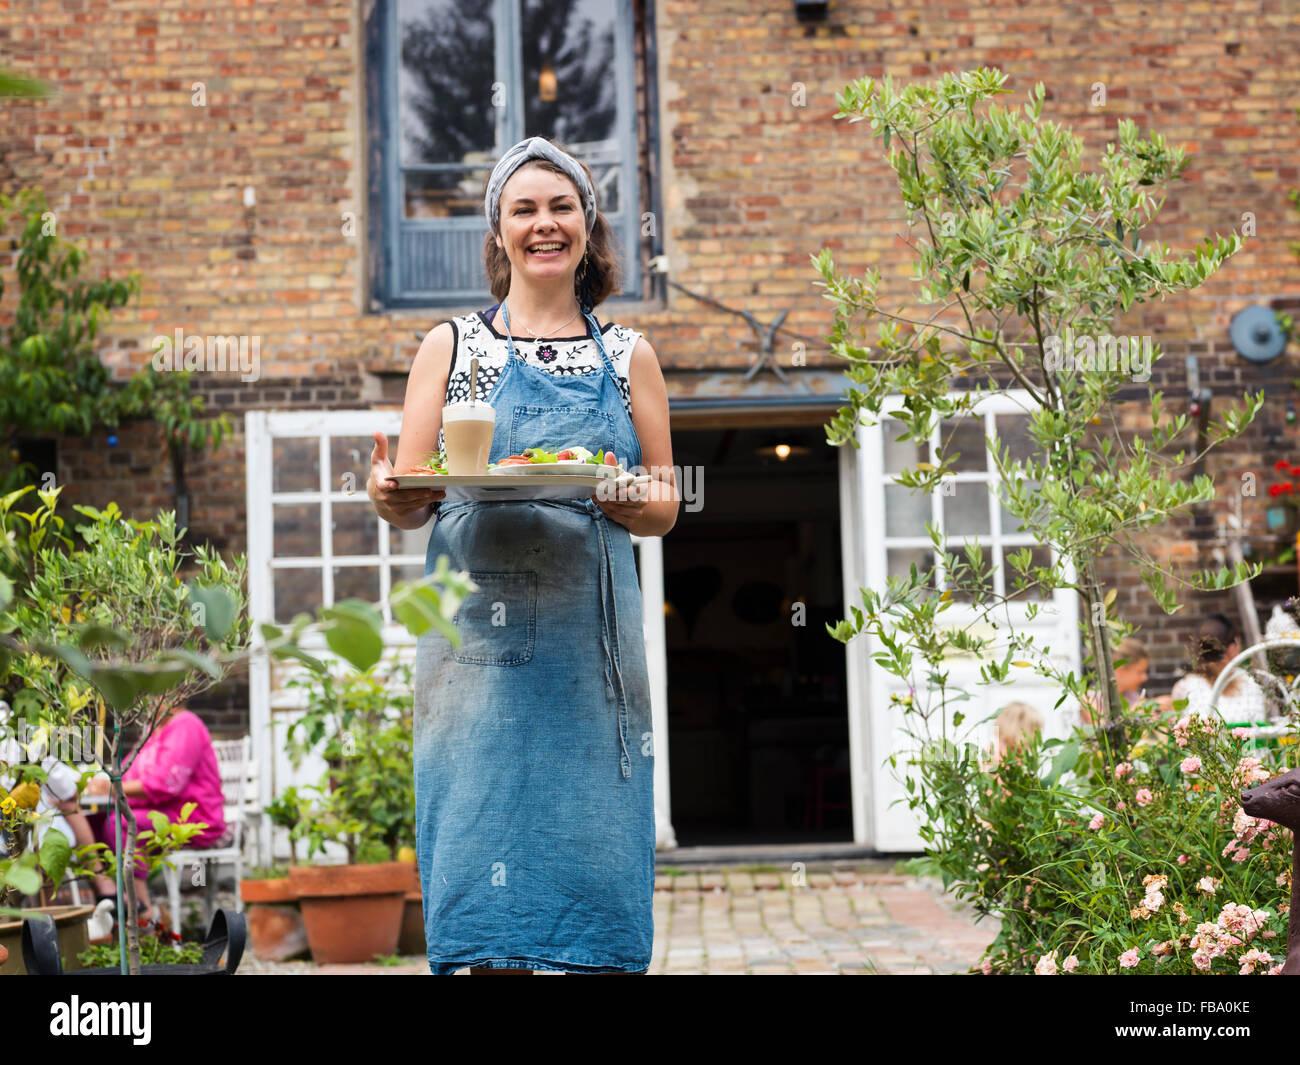 Schweden, Skane, Osterlen, Ostra Vemmerlov, Porträt von Frau Holding Tablett mit Essen Stockbild